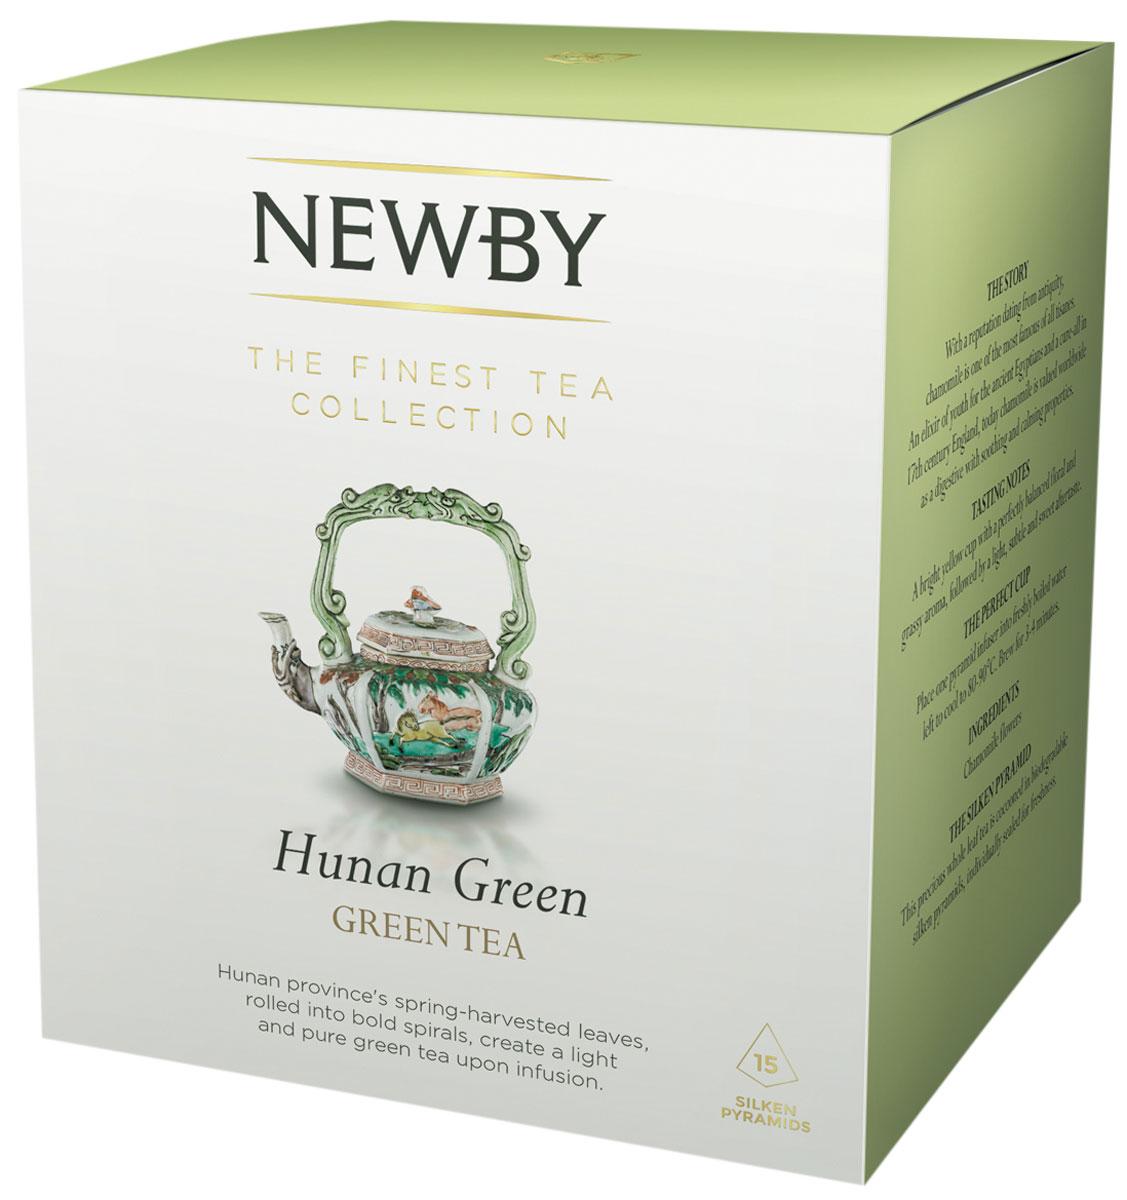 Newby Hunan Green зеленый чай в пирамидках, 15 шт600820AЧай Newby Hunan Green выращивается в провинции Хунан в Китае. Изысканный светло-зеленый настой с нежным ароматом и сладким оттенком во вкусе. Каждая пирамидка упакована в индивидуальное саше из алюминиевой фольги для сохранения свежести чайного листа.кар